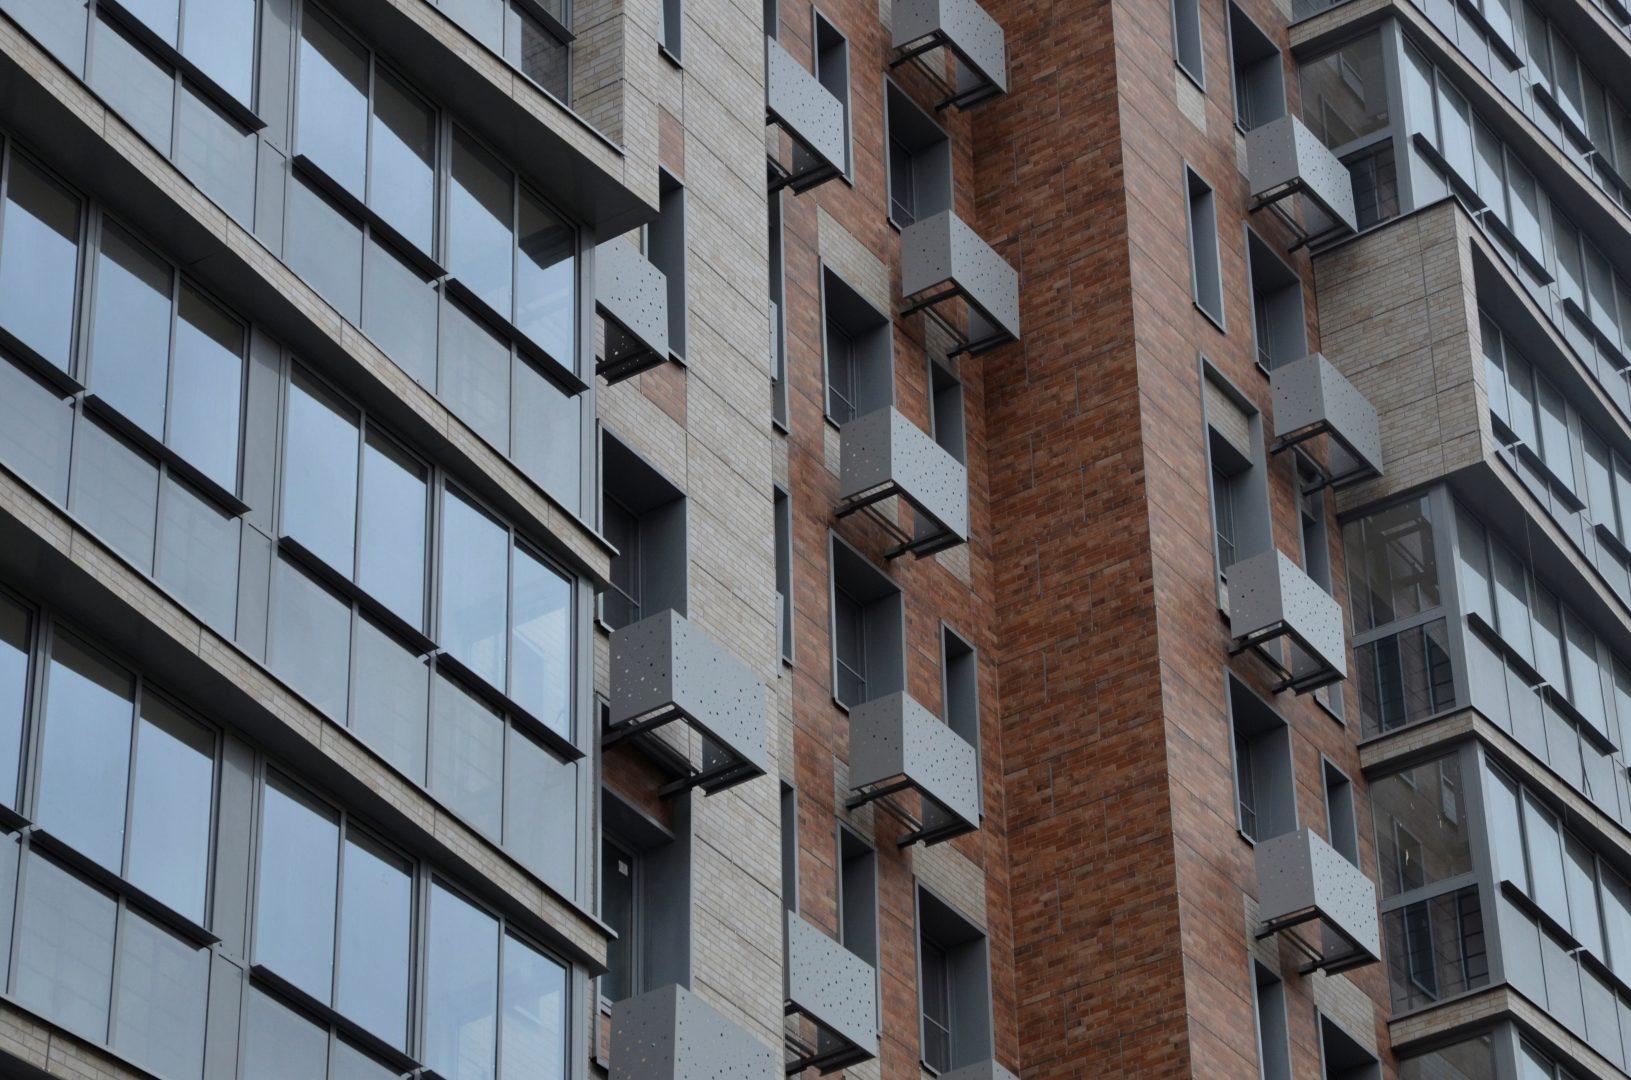 Запланировано увеличение темпа строительства жилья в Новой Москве. Фото: Анна Быкова